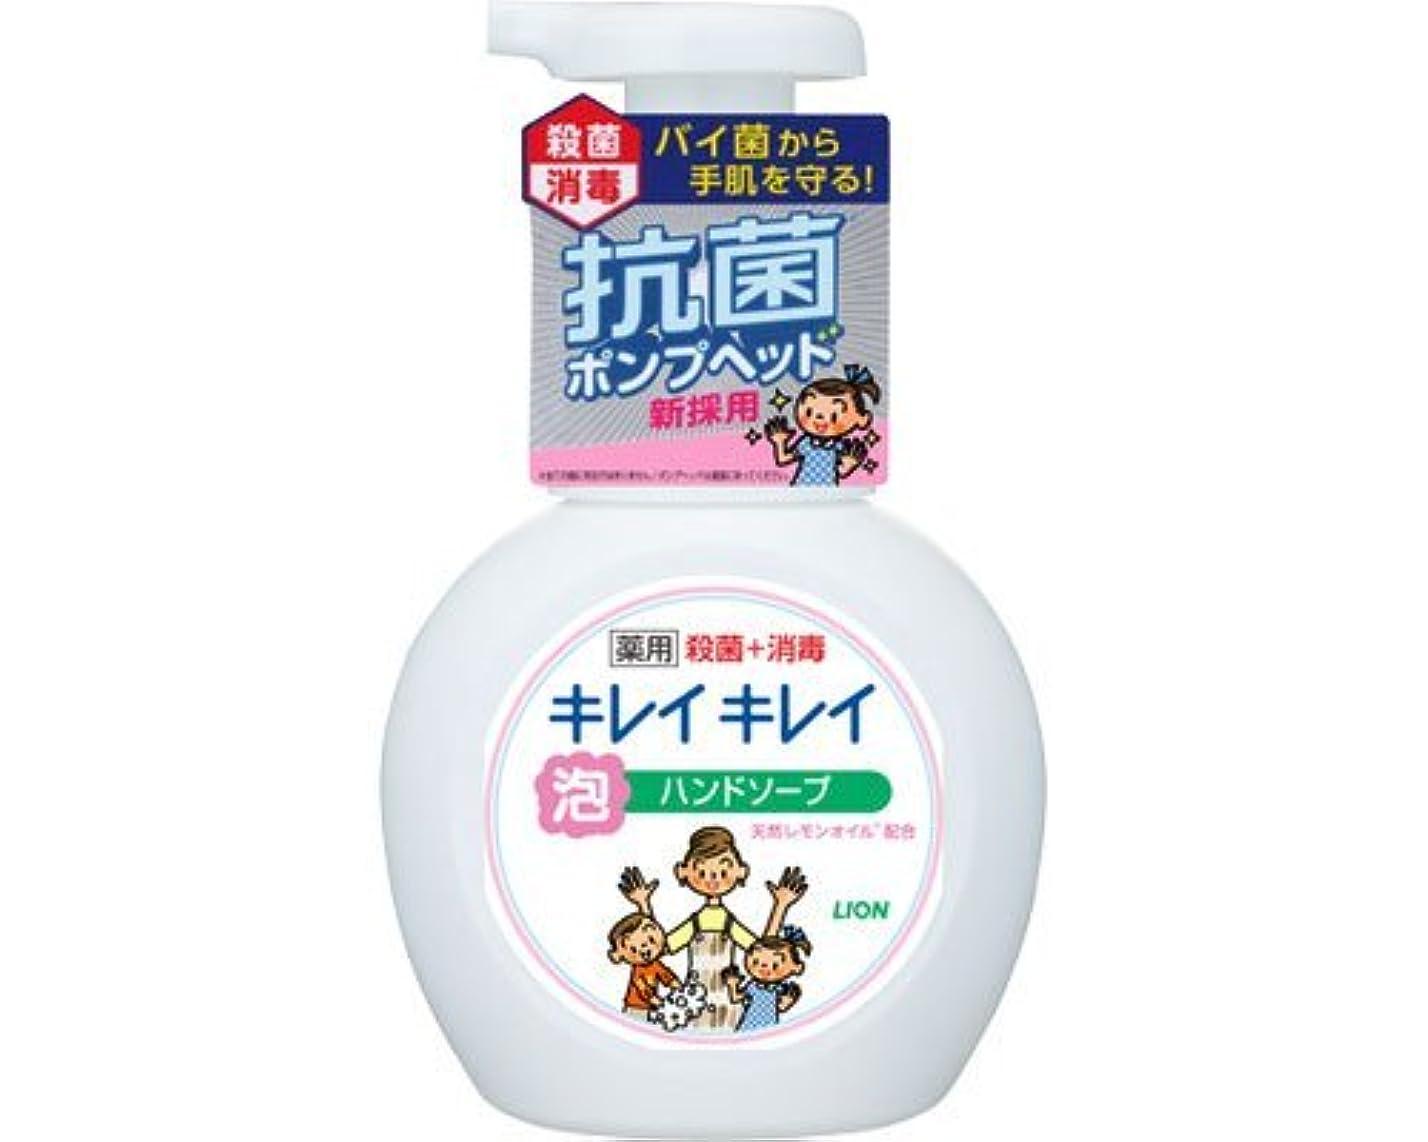 挑む補正裏切りキレイキレイ薬用泡ハンドソープ 250mLポンプ (ライオン) (手指洗浄)